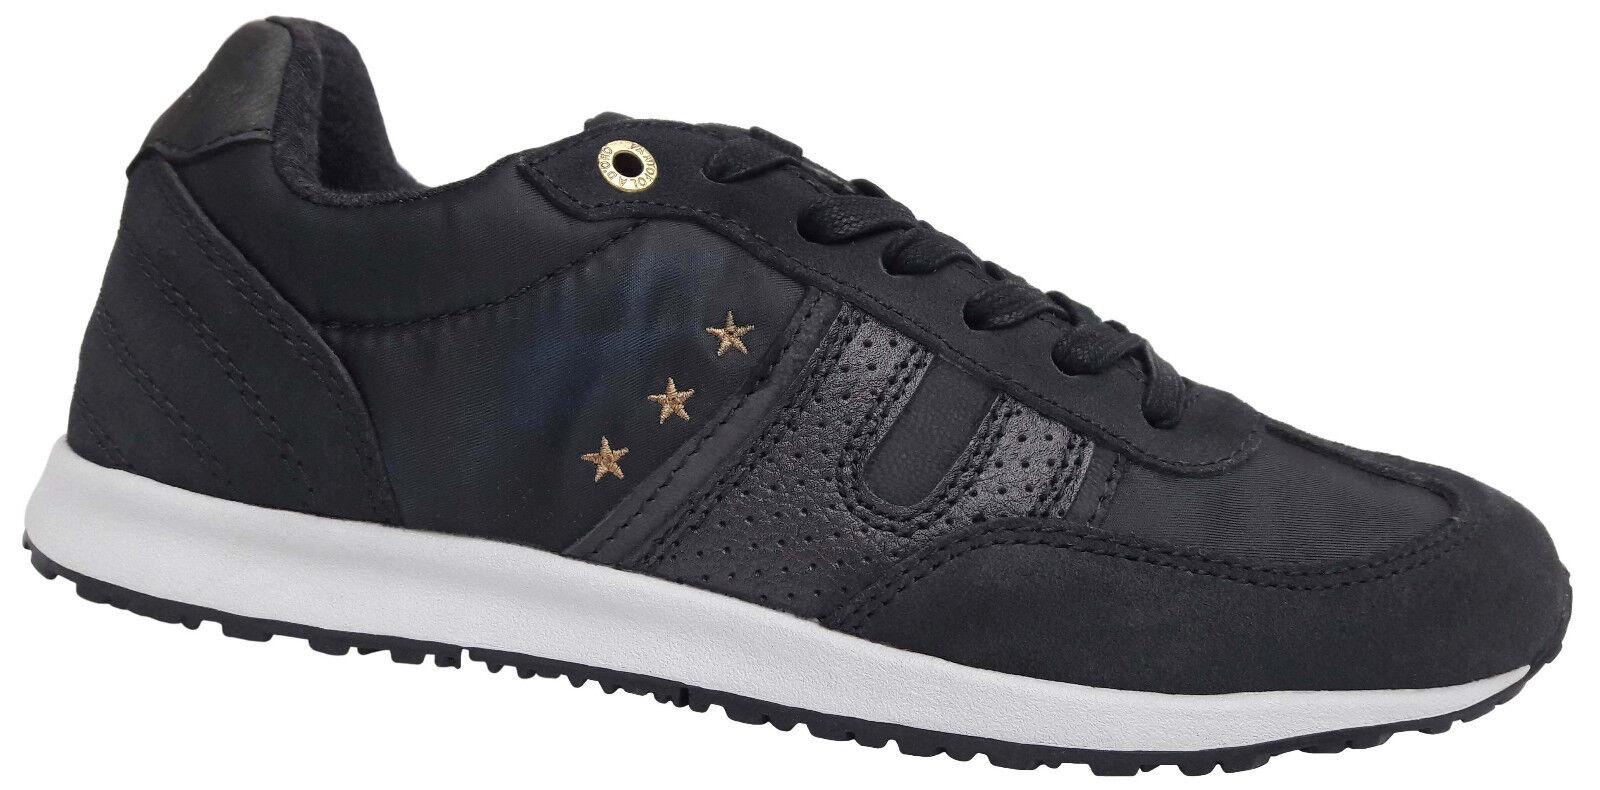 Pantofola d'Oro Acadia Low Damen Leder Sneaker Used Look Freizeit Schuhe NEU